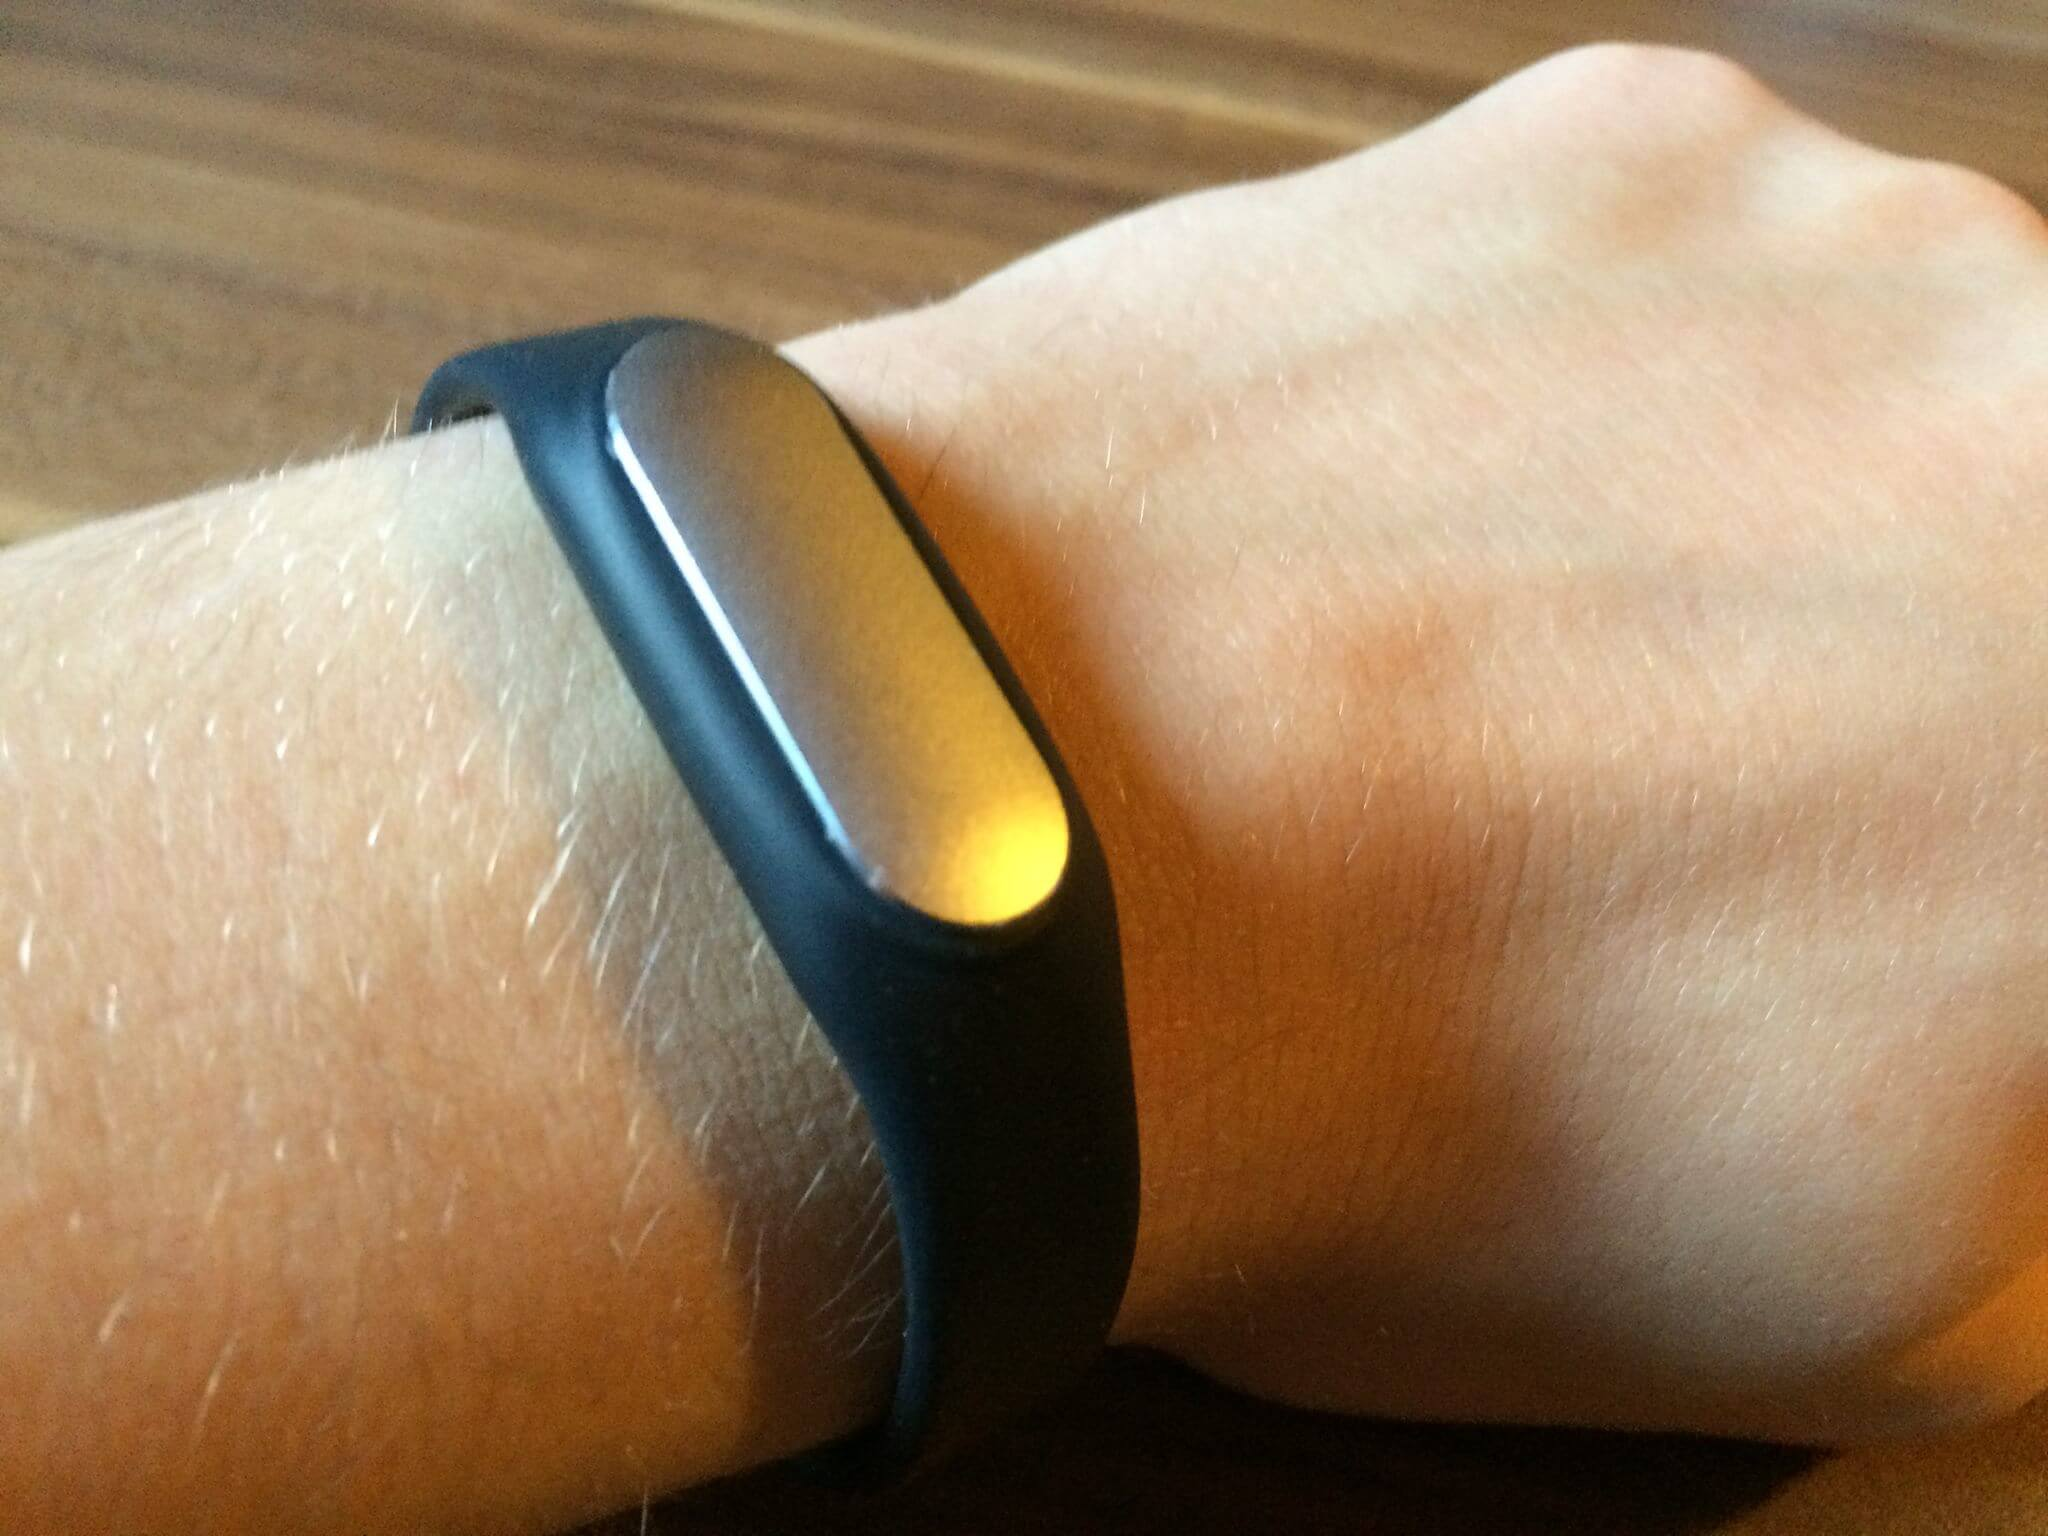 Xiaomi Mi Band: Mein Erfahrungsbericht nach 3 Wochen Nutzungszeit 1